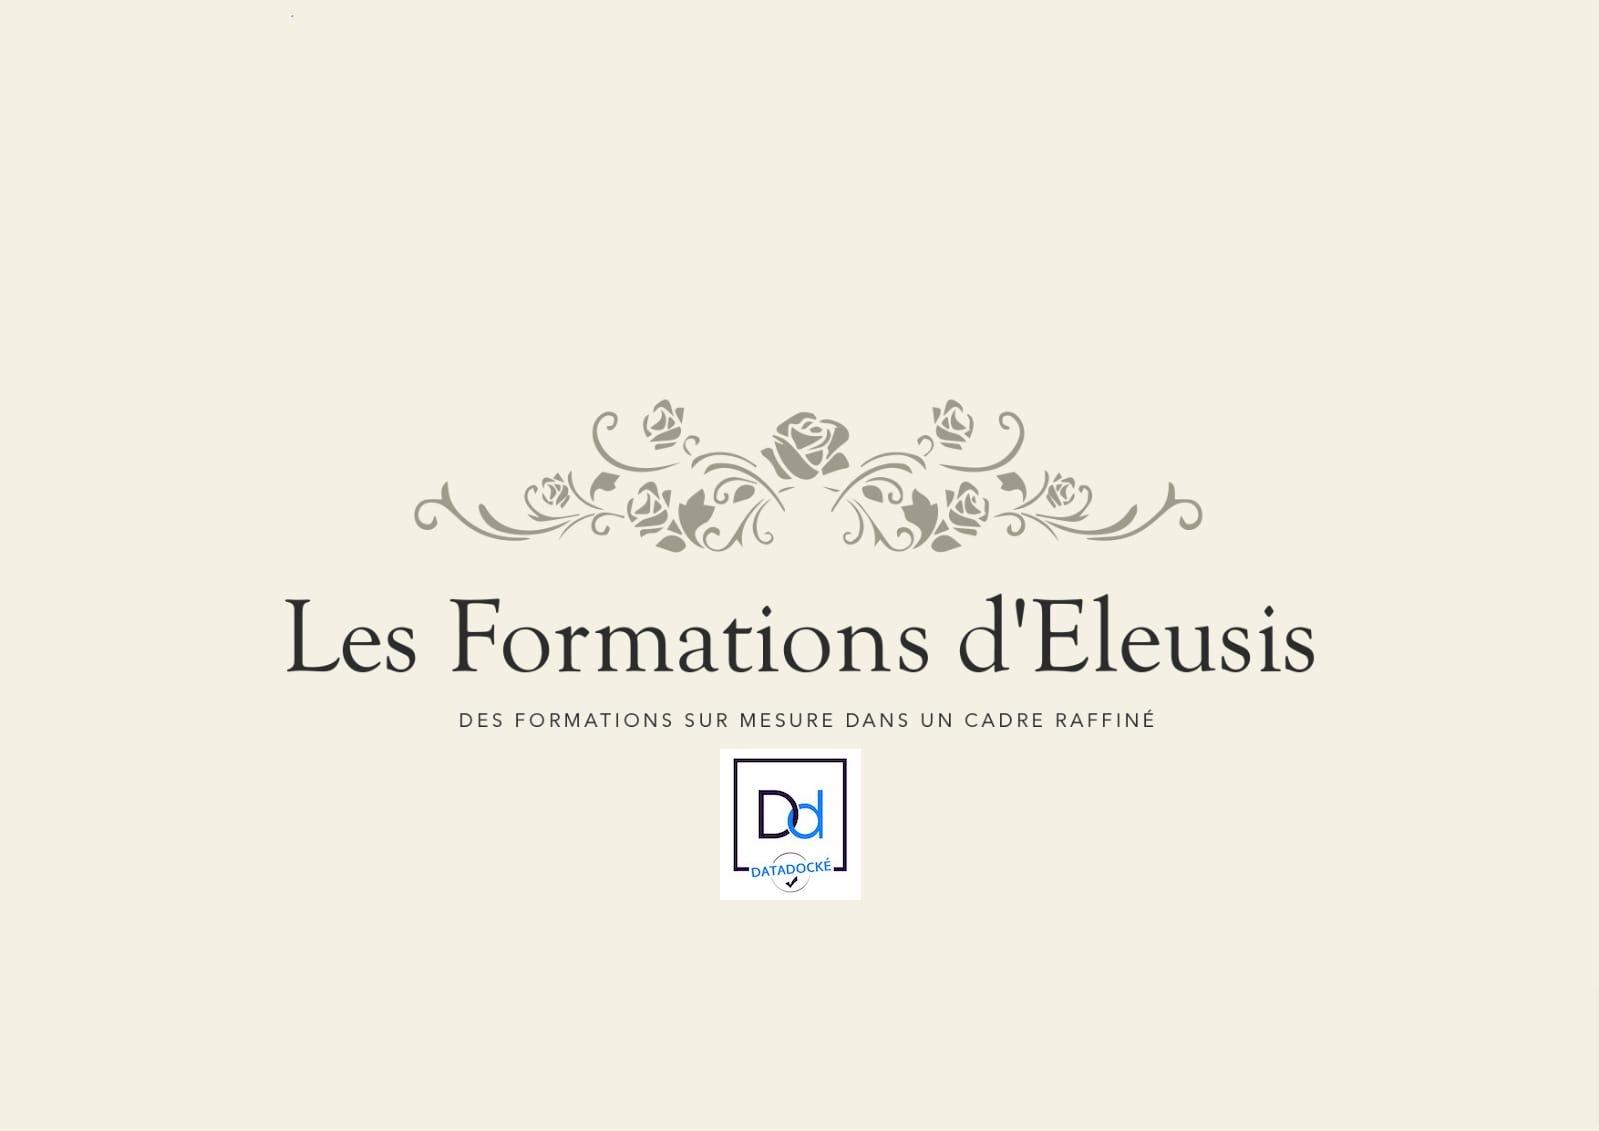 Les Formations d'Eleusis